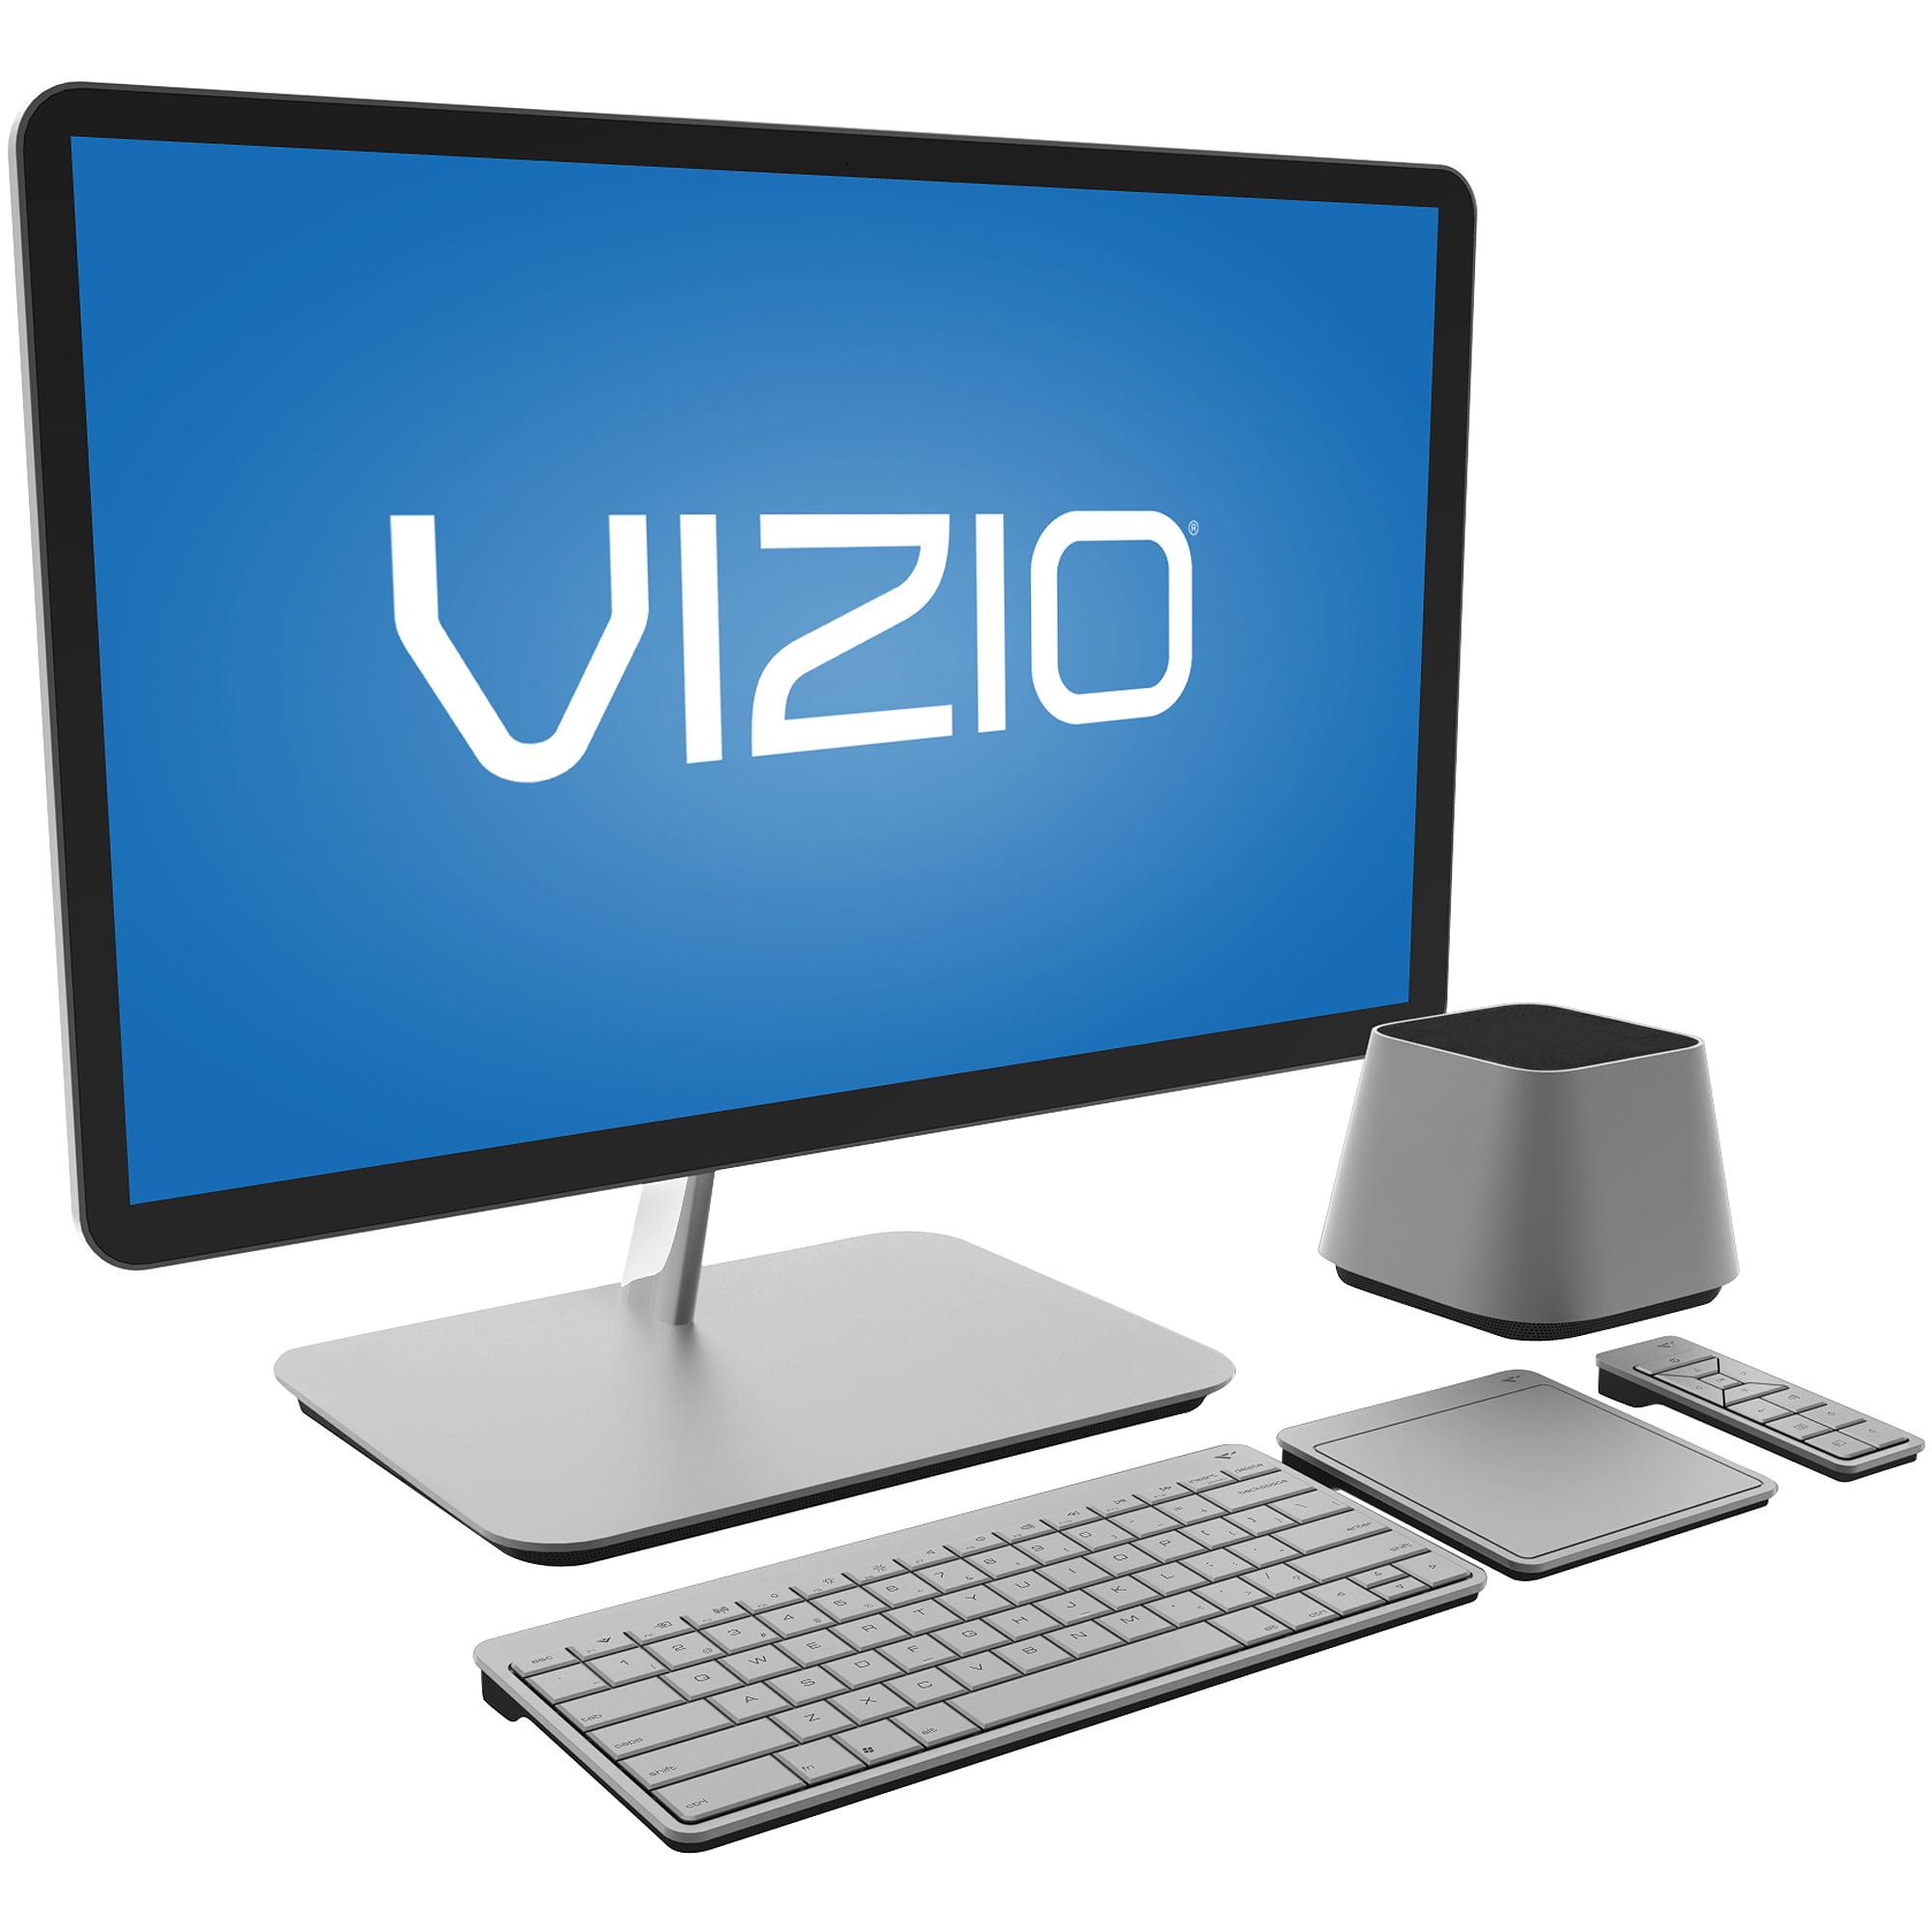 """VIZIO Silver 24"""" CA24-A1 All-in-One Desktop PC with Intel Core i5-3210M Processor with 24"""" HD Monitor and Windows 7 Home Premium"""